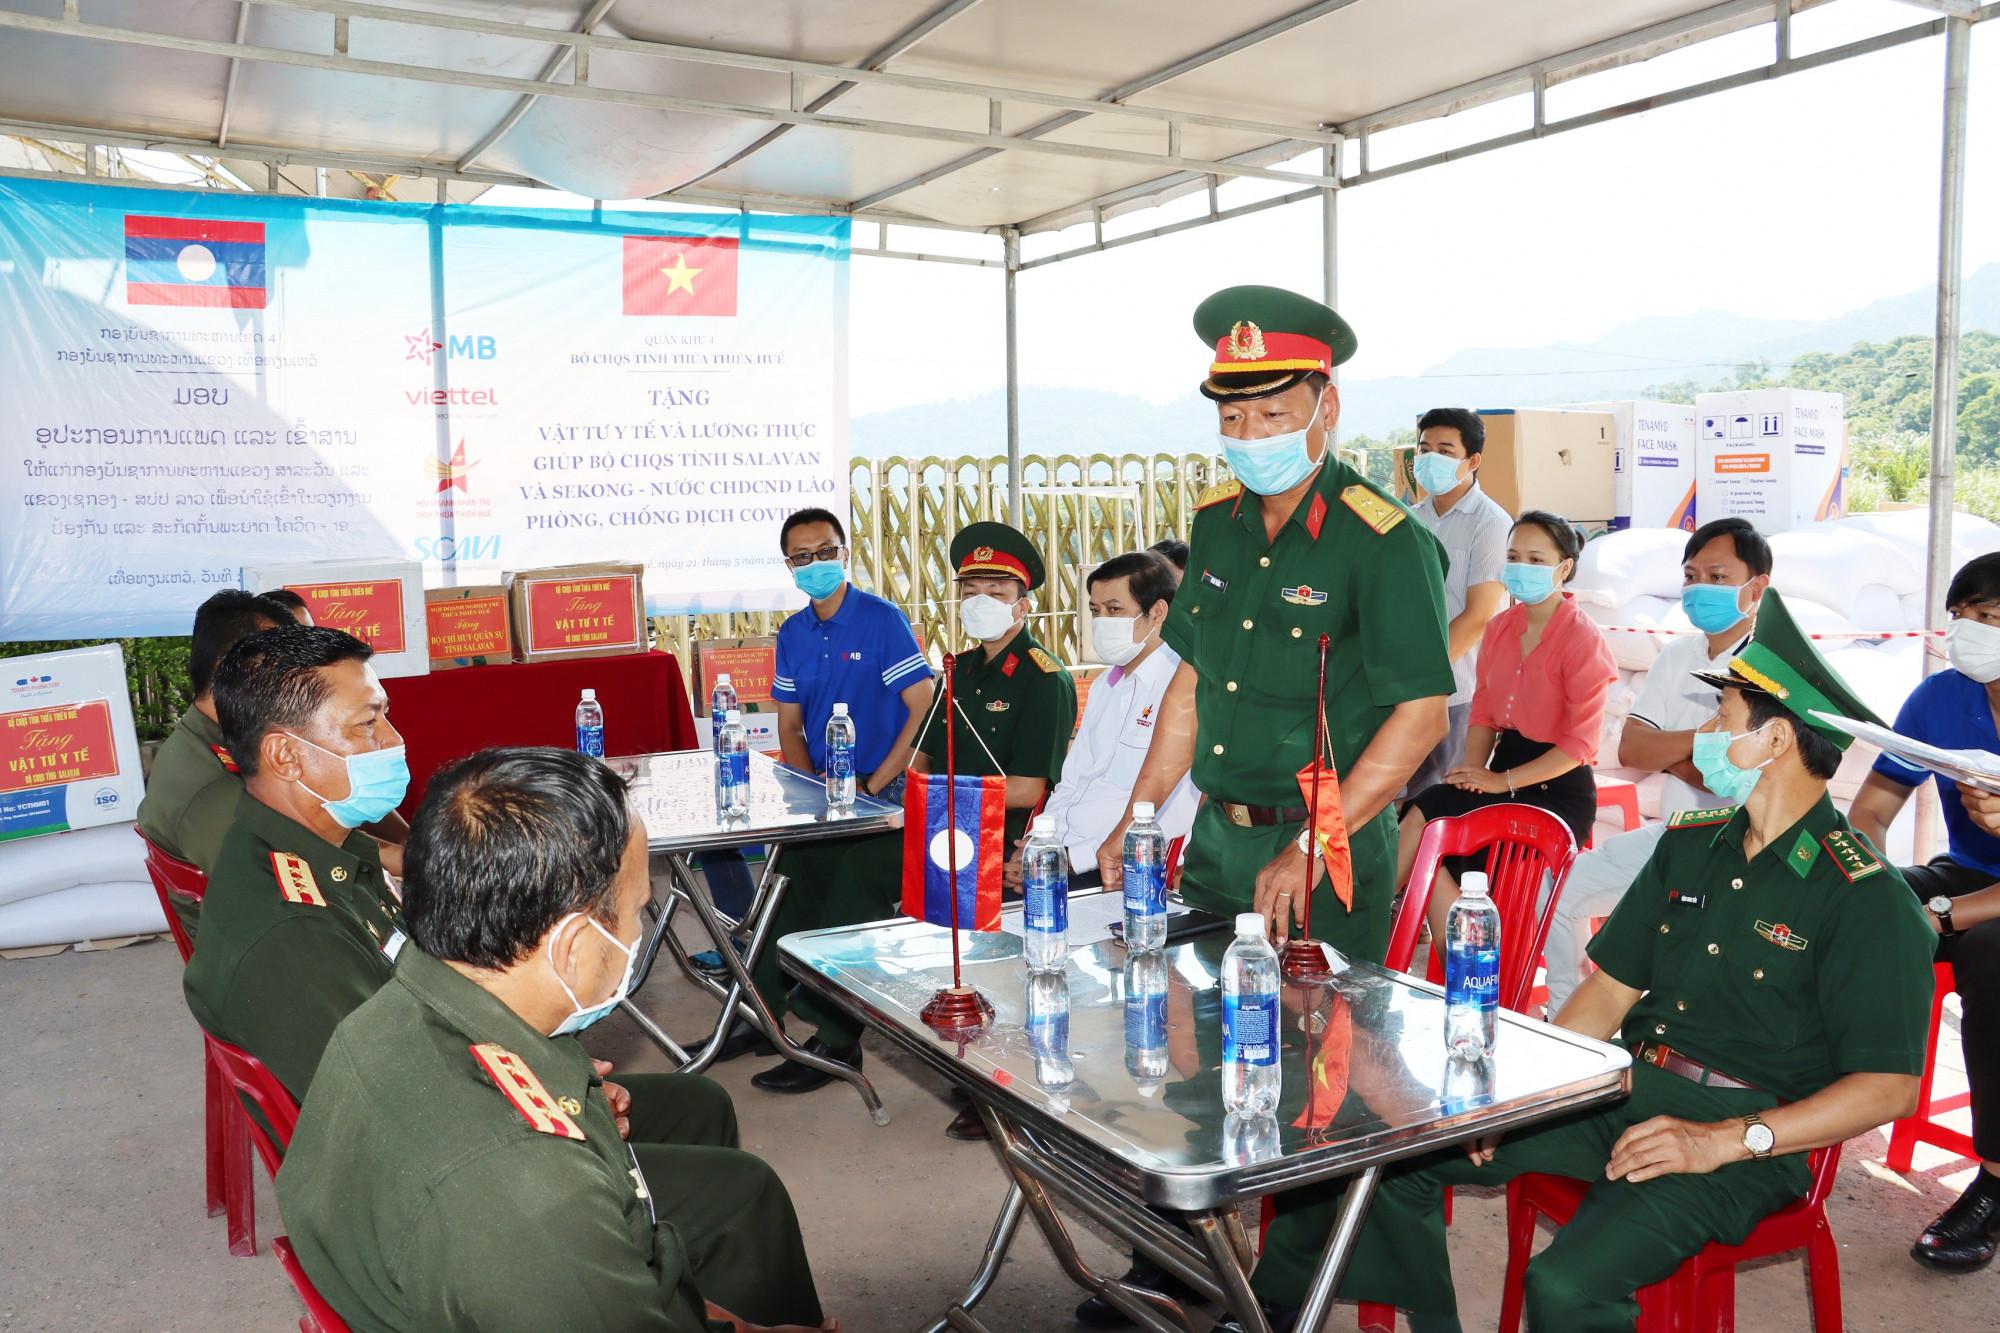 Trung tá Phan Thắng, Phó chỉ huy trưởng, Tham mưu trưởng và Đại tá Nguyễn Phú Đăng, Phó tham mưu trưởng Bộ Chỉ huy Quân sự tỉnh Thừa Thiên - Huế trao tặng quà cho Bộ Chỉ huy Quân sự tỉnh Salavan và Sekong - Lào